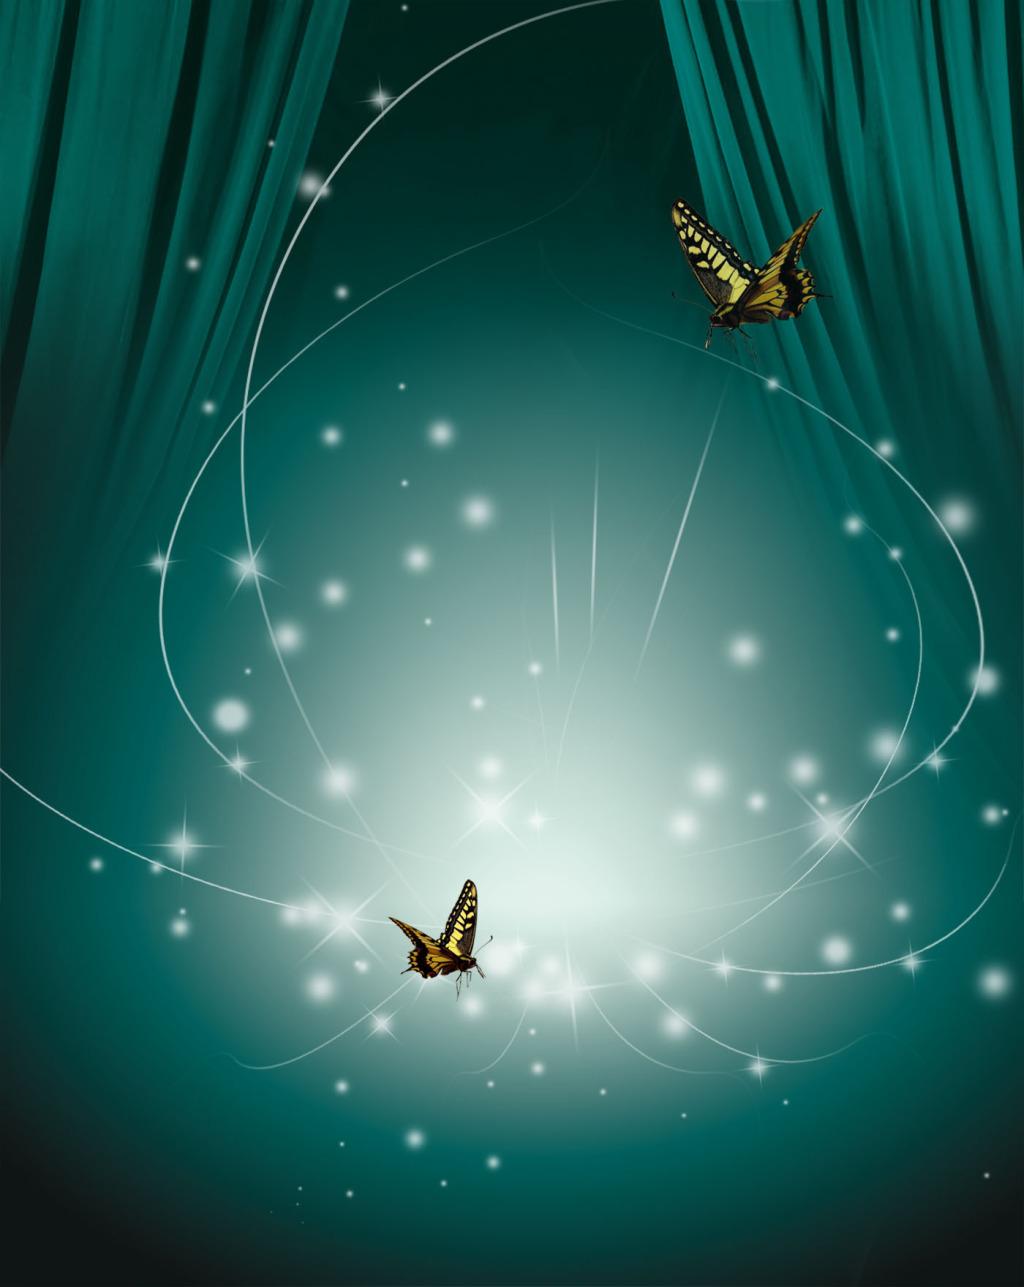 蝴蝶元素广告宣传单背景免费下载 背景      蝴蝶 宣传单 元素 蝴蝶图片